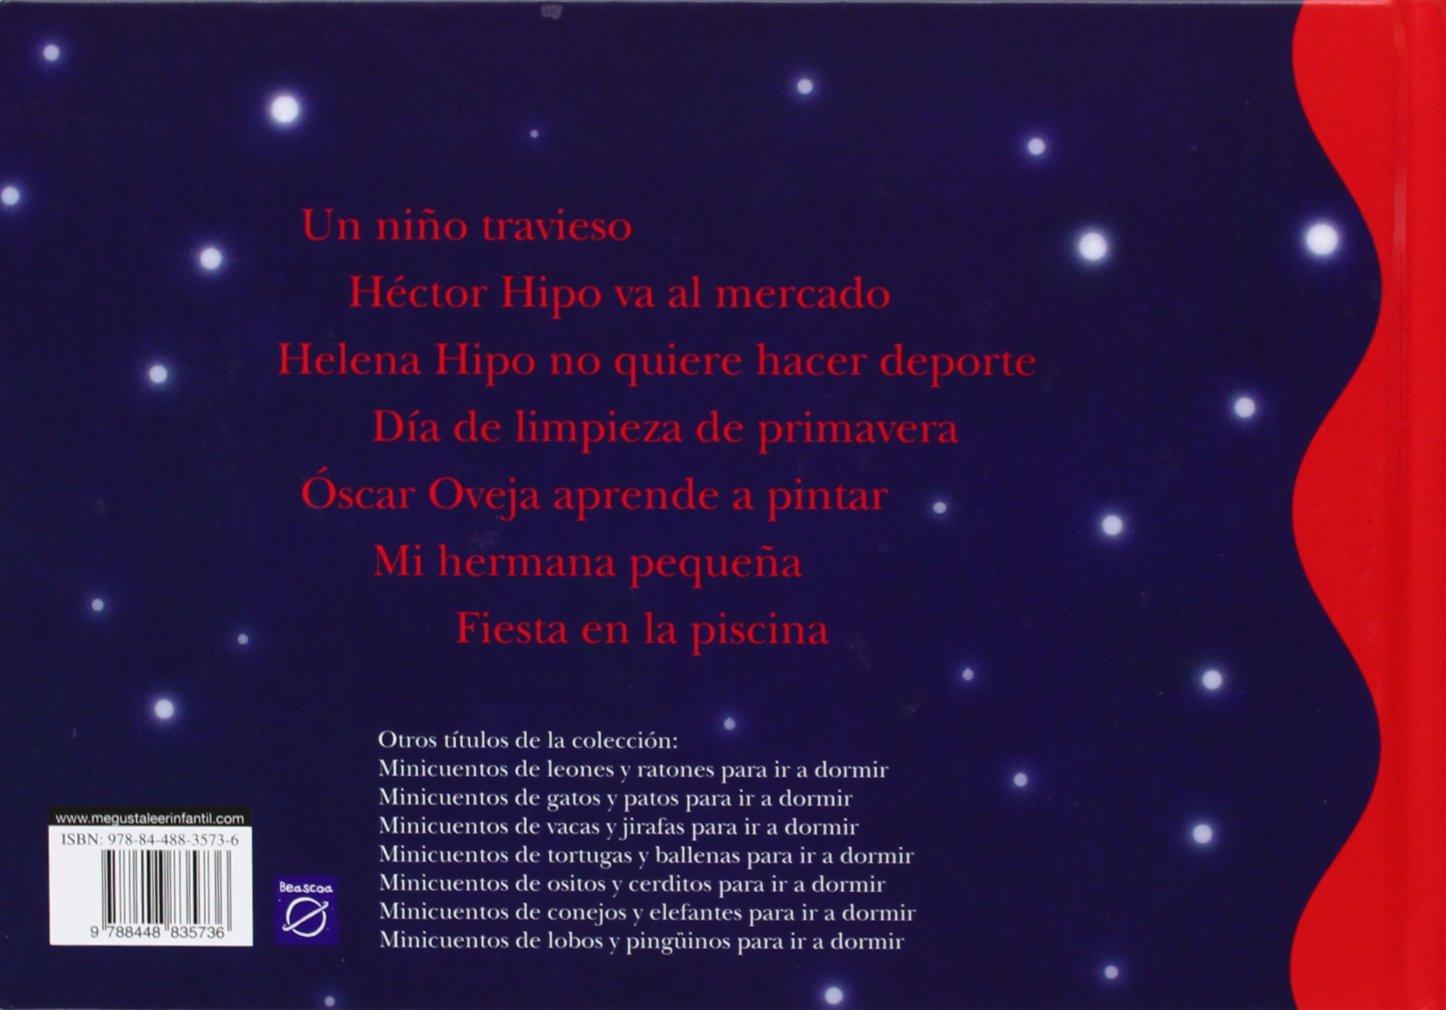 Minicuentos de hipopótamos y ovejas para ir a dormir / Minicuentos Of Hippos and Sheep To go to sleep (Spanish Edition): Magela Ronda, Ana Zurita Jimenez: ...